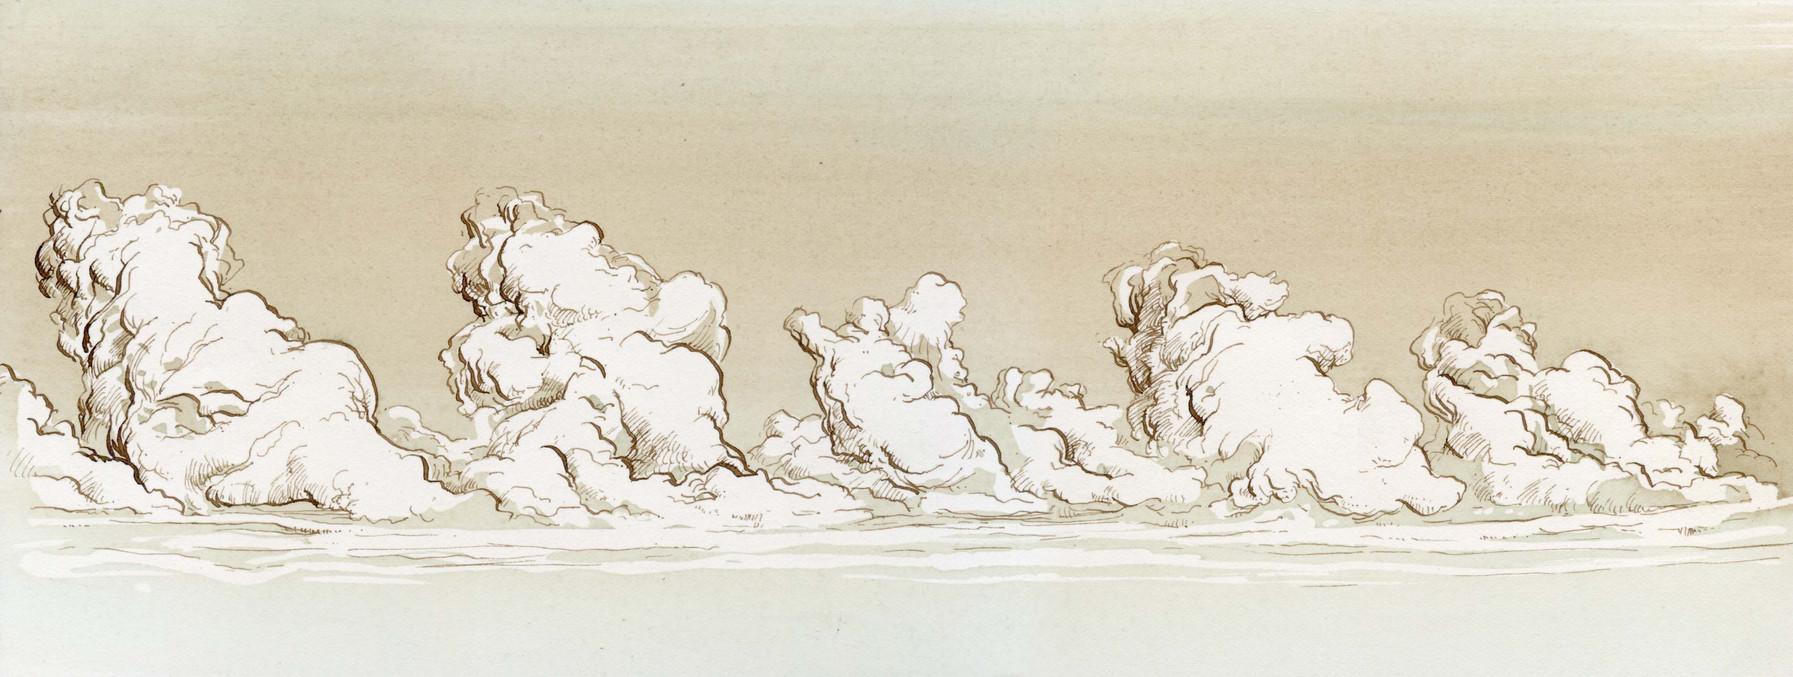 CB 2lignes cumulus.jpg